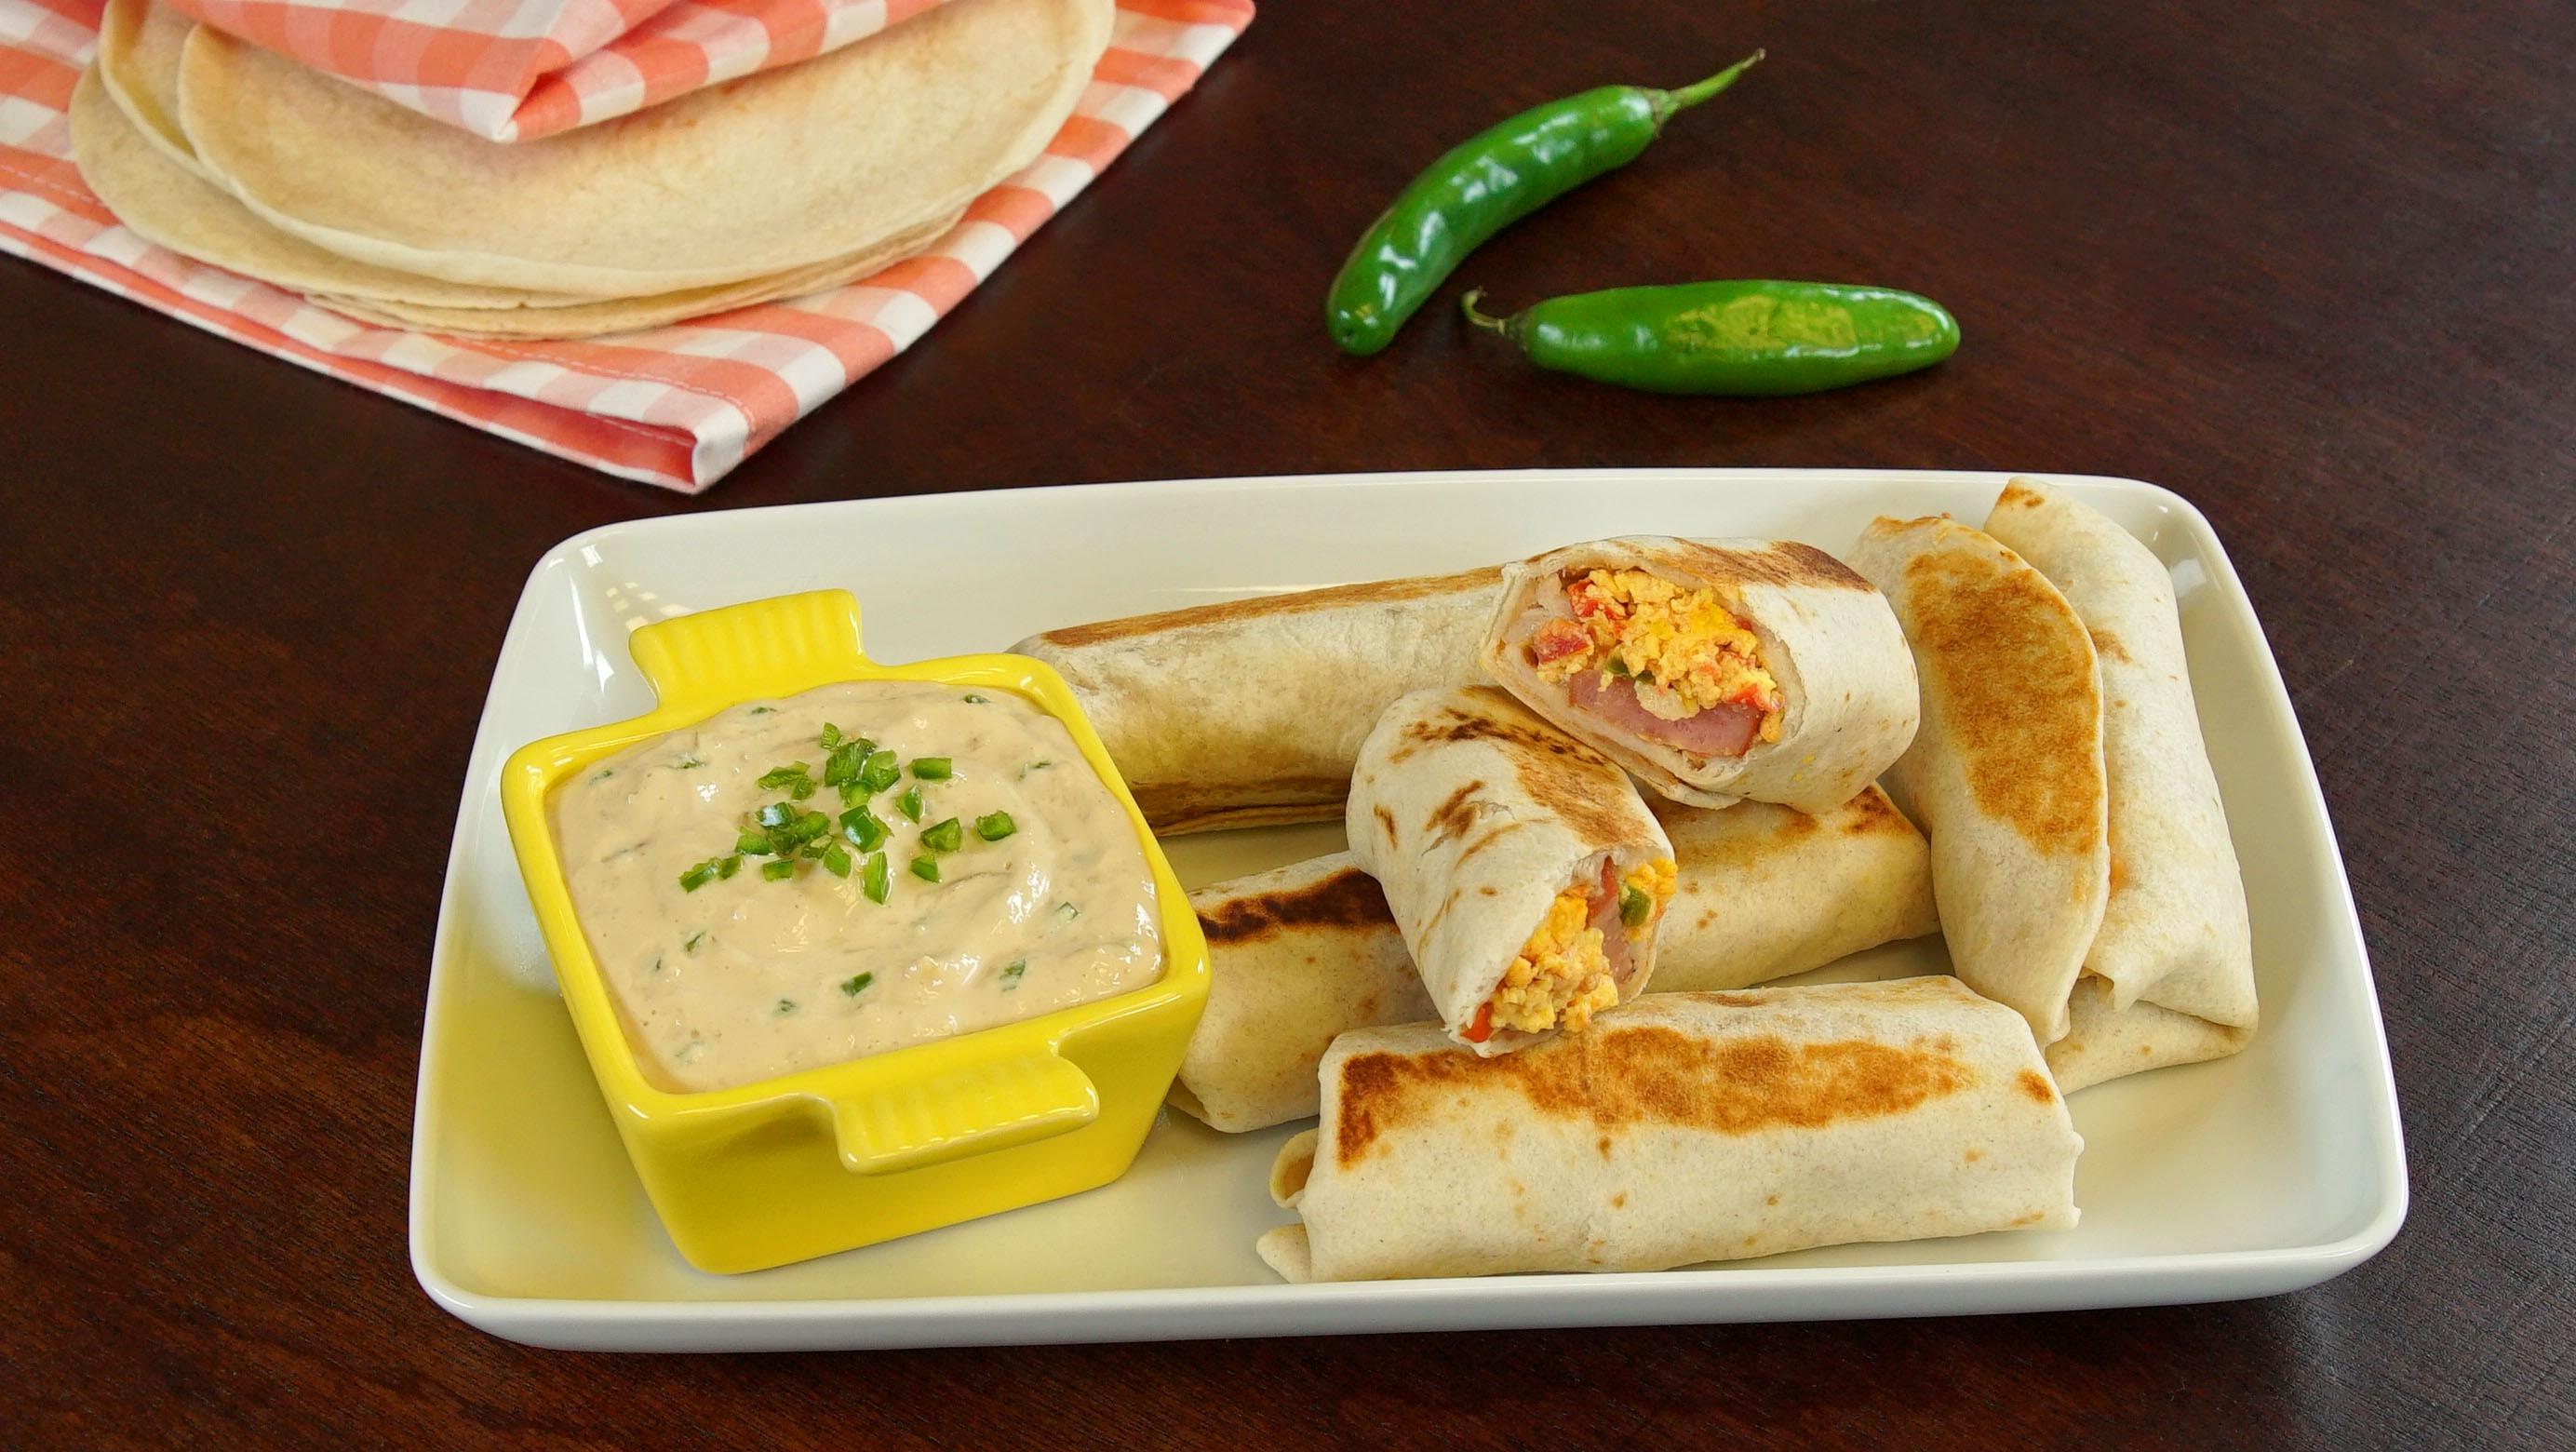 Burritos de huevo con dip de chiles toreados